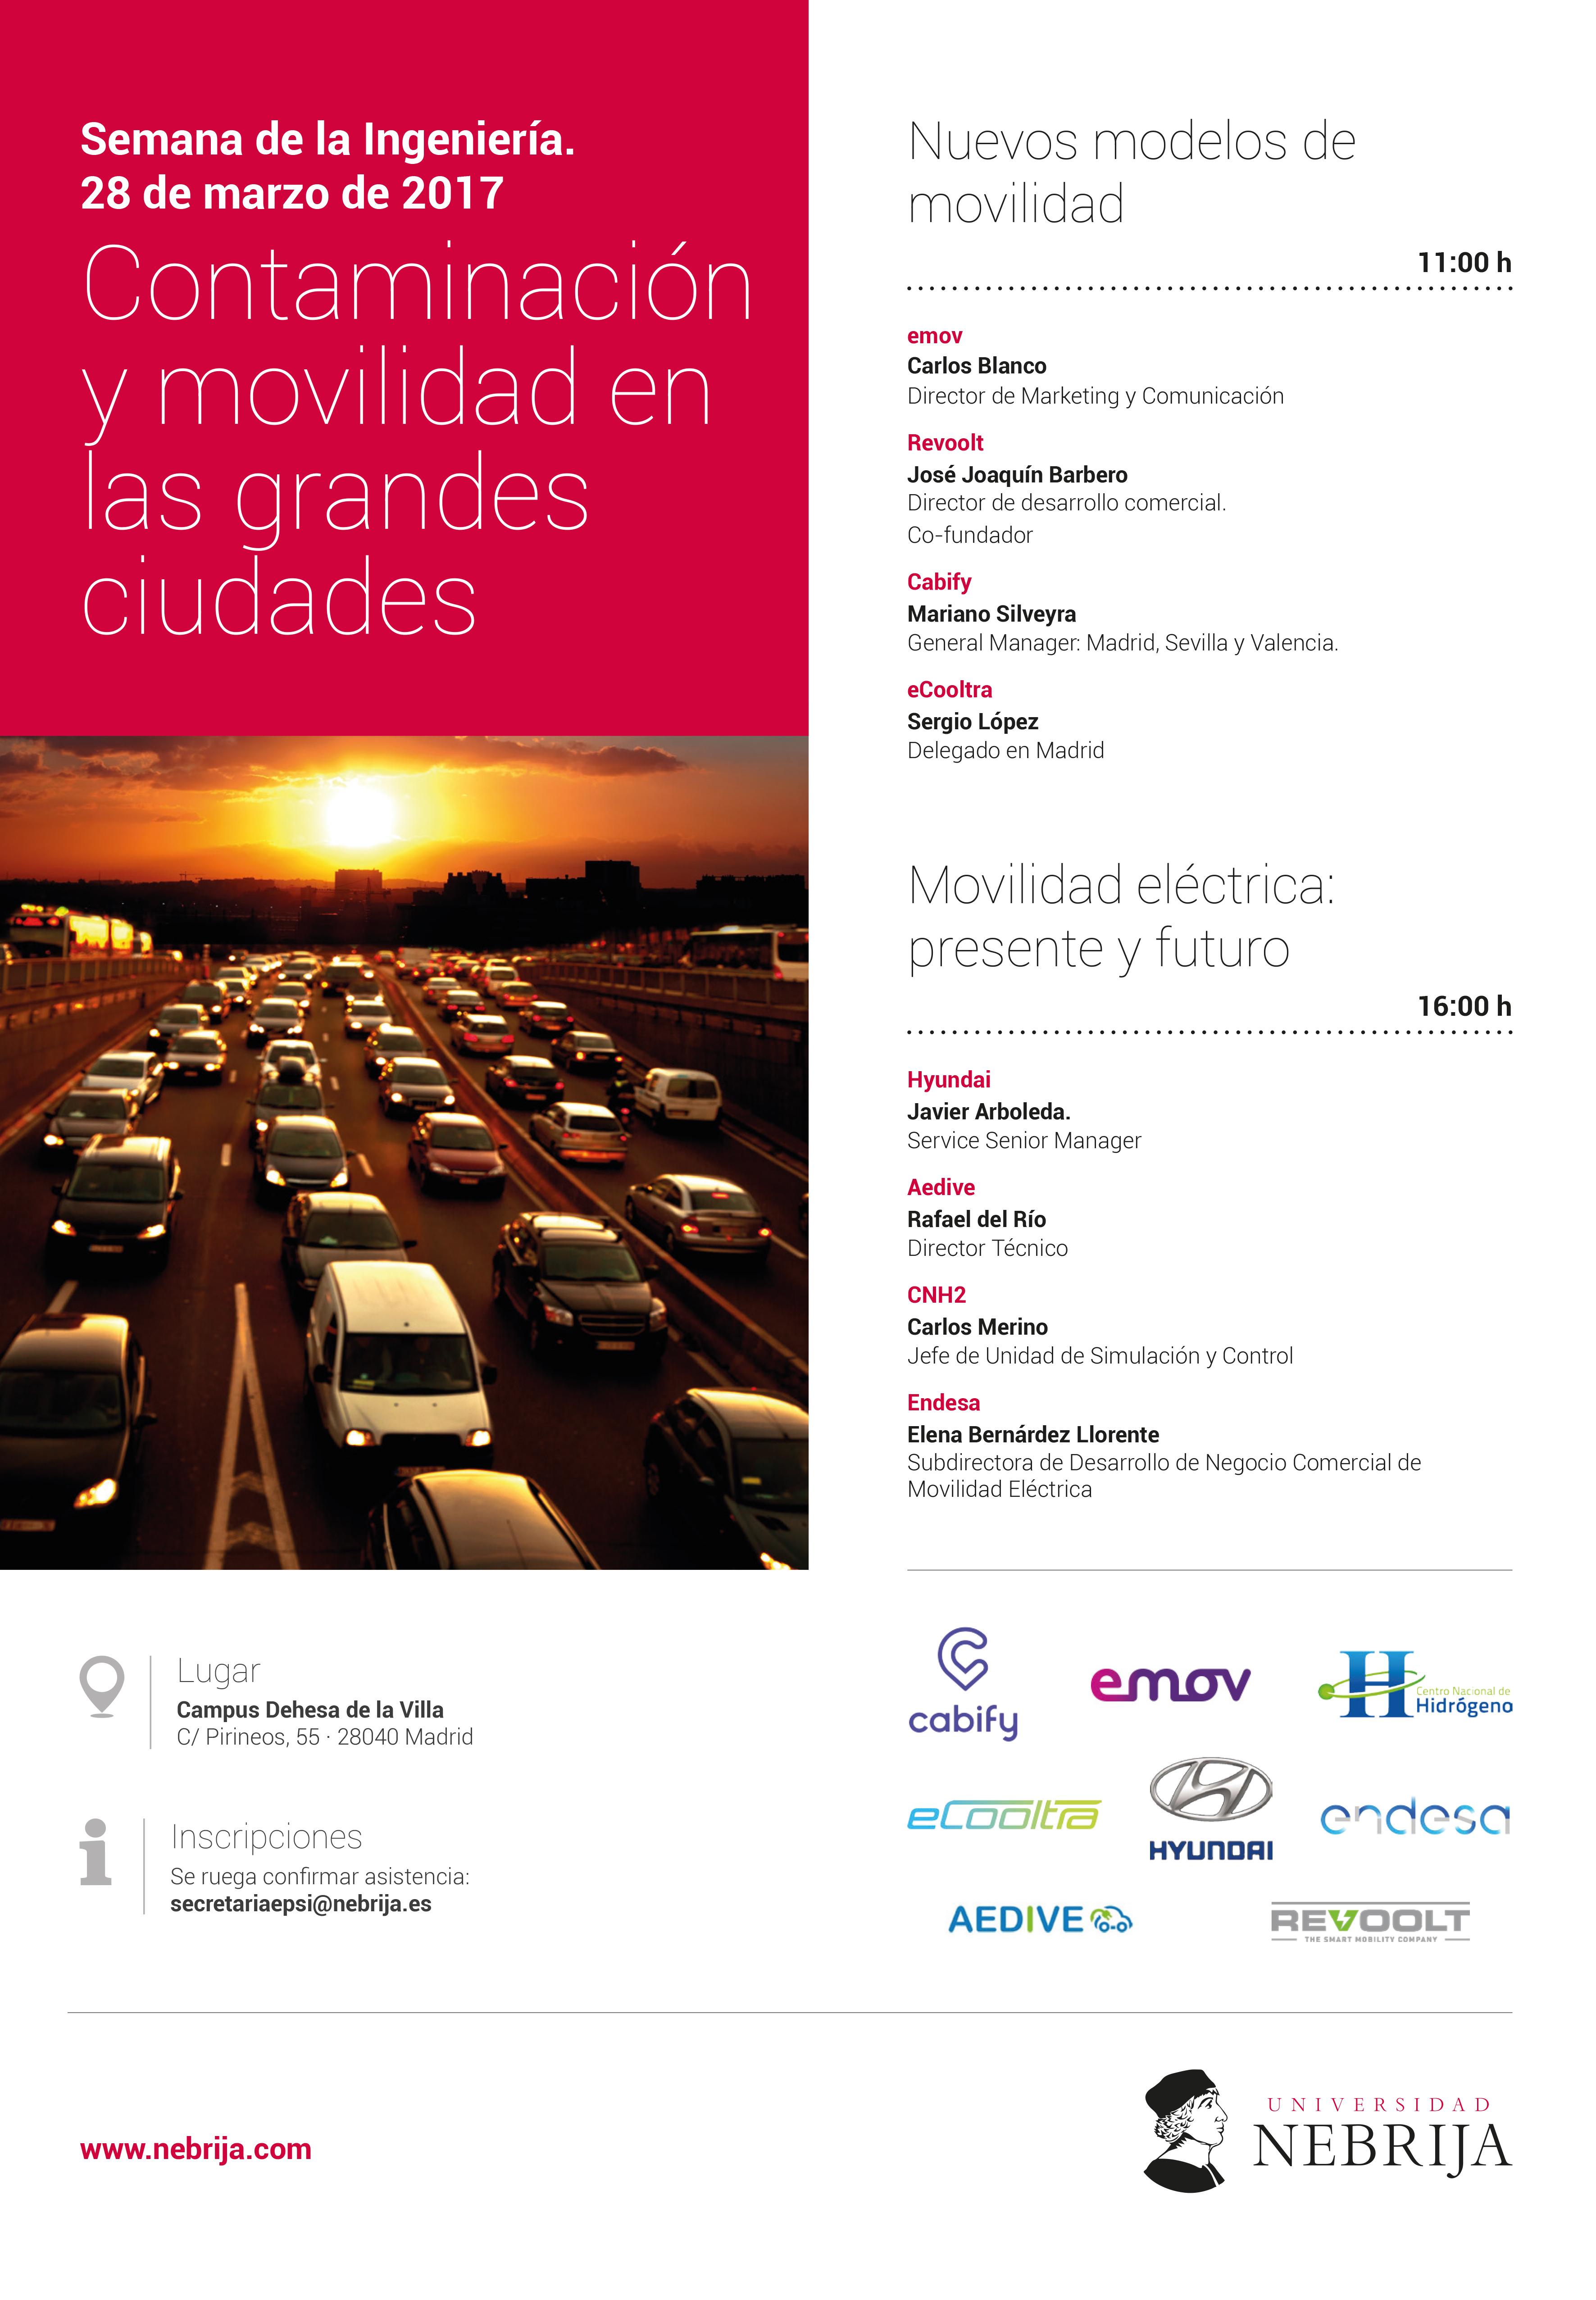 Semana de la Ingeniería. Contaminación y movilidad en las grandes ciudades. Programa